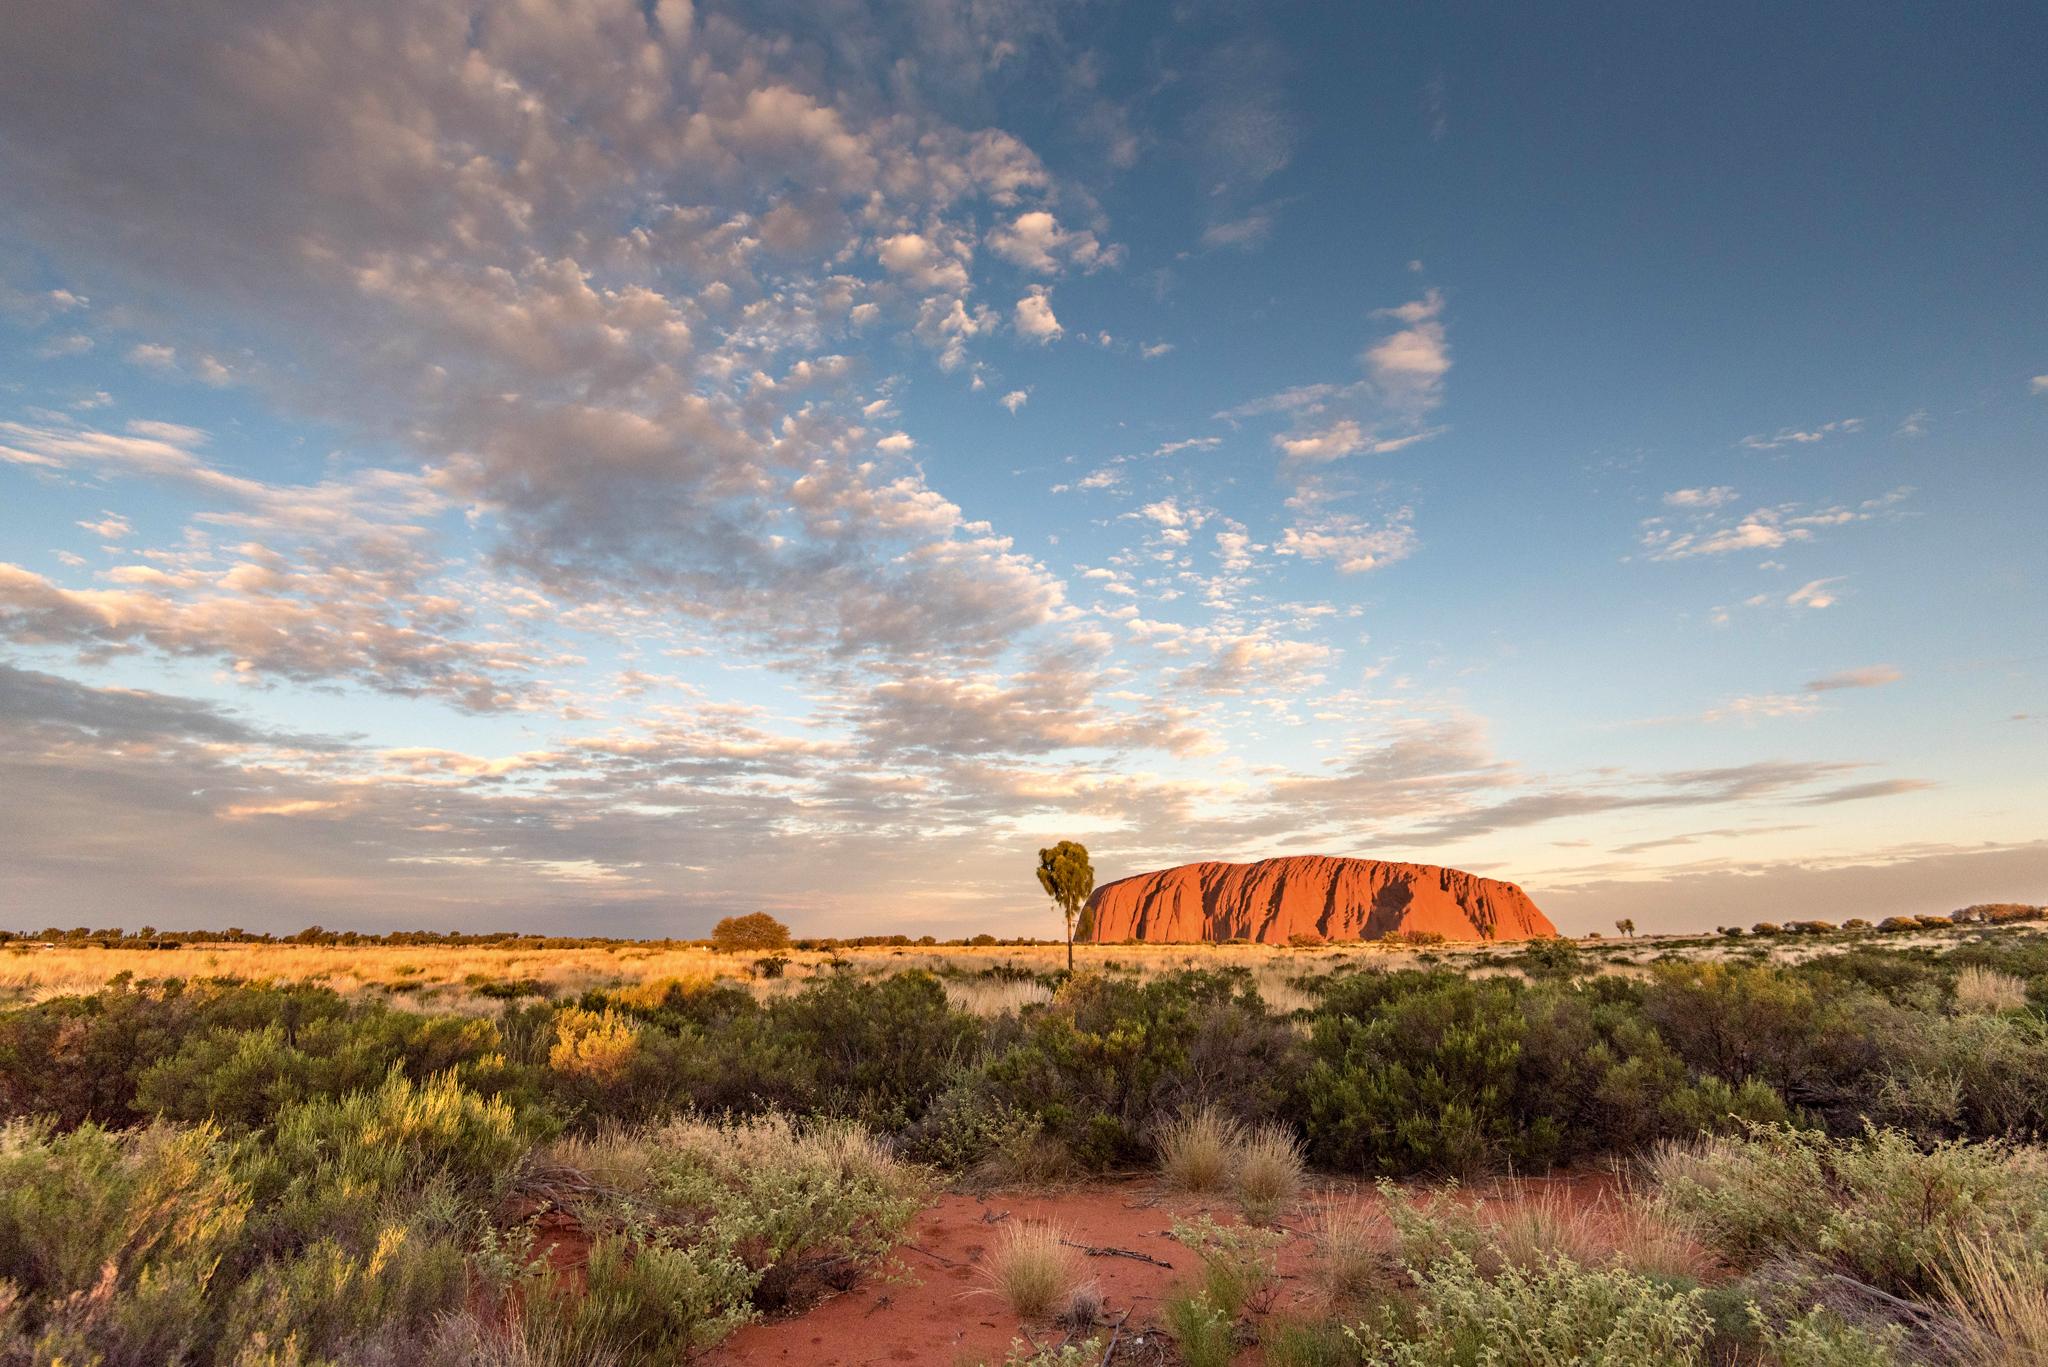 Uluru im zentralen Australien, auch bekannt als Ayers Rock © Intrepid Travel Adventure tours